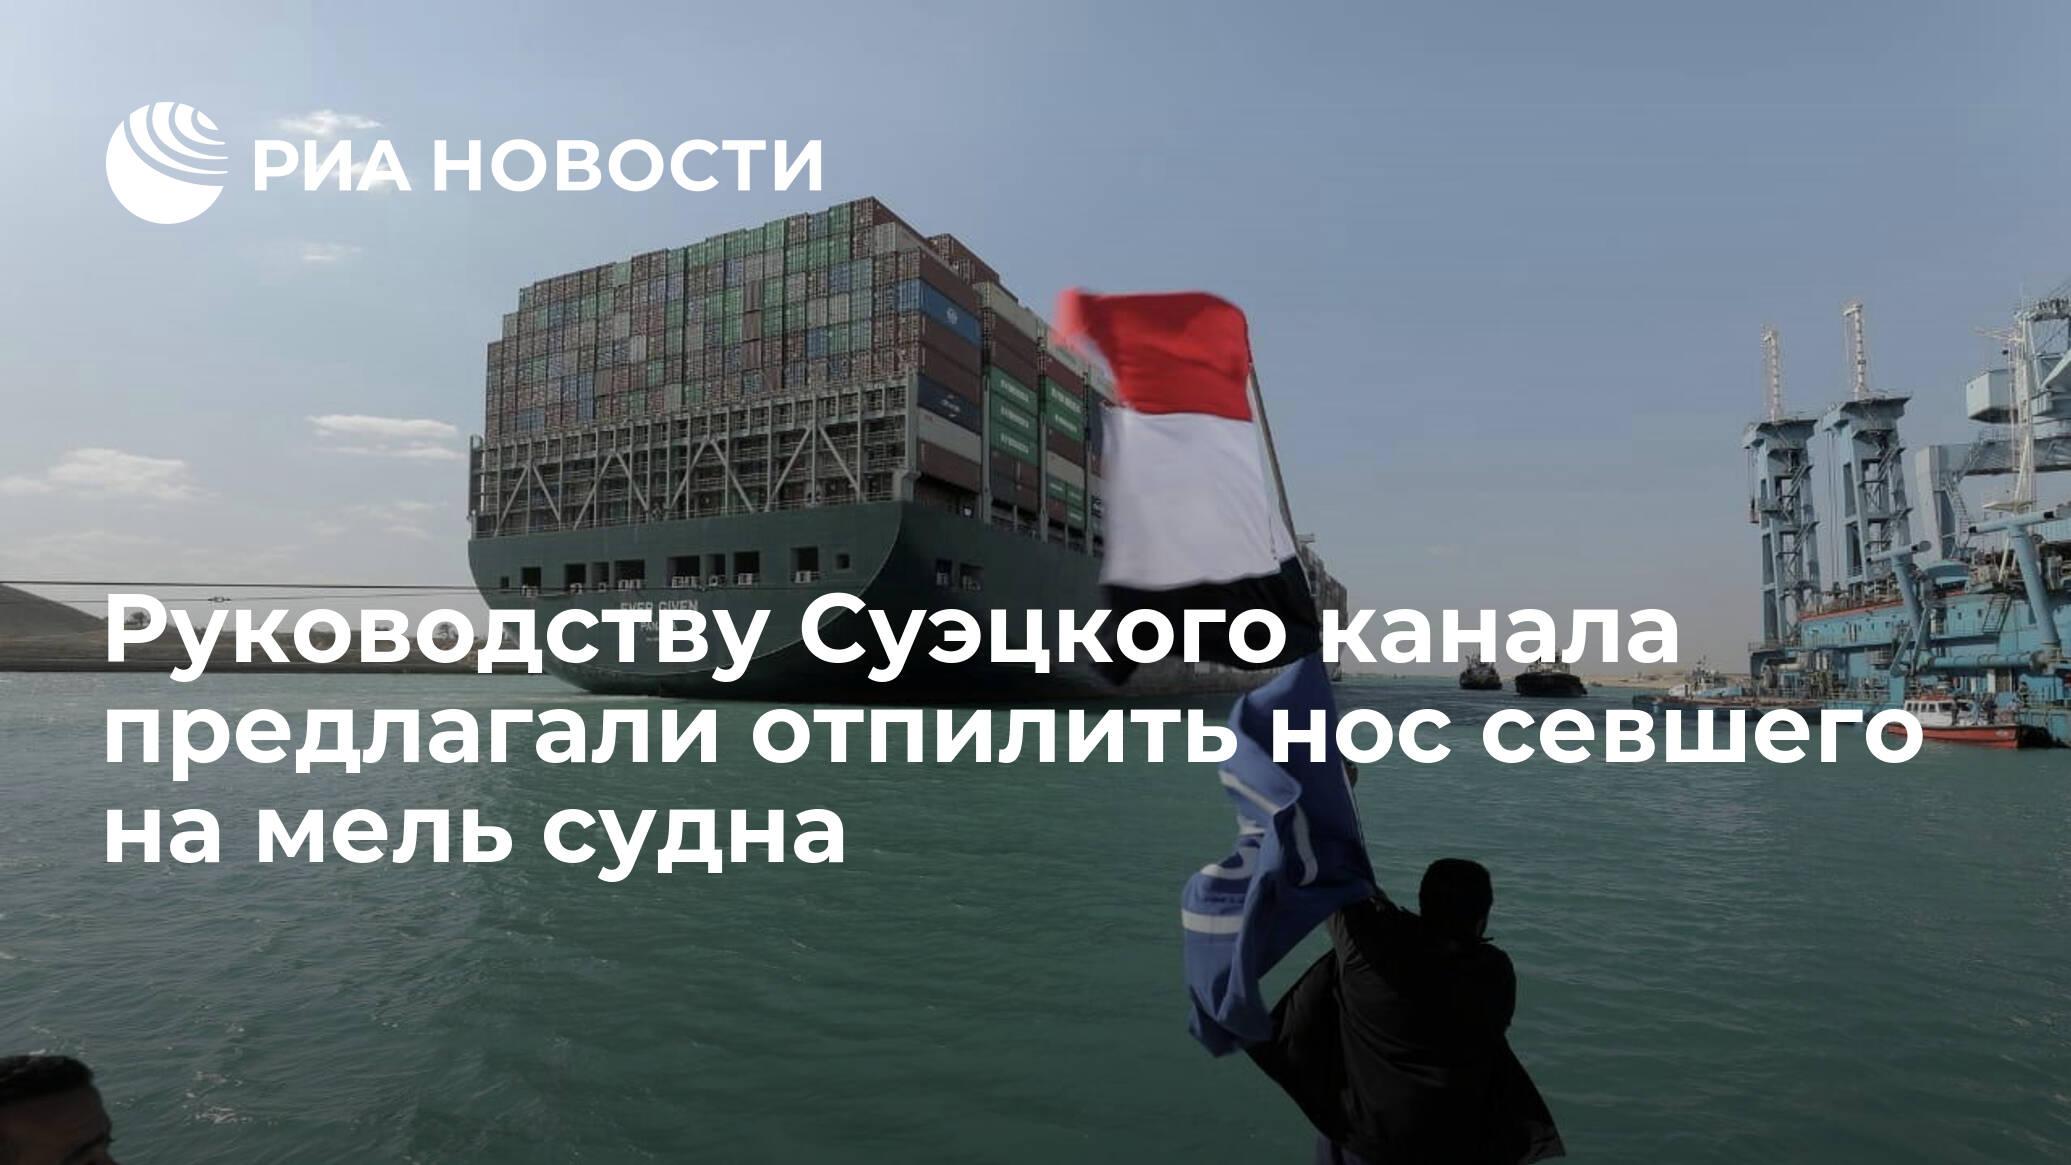 Руководству Суэцкого канала предлагали отпилить нос севшего на мель судна